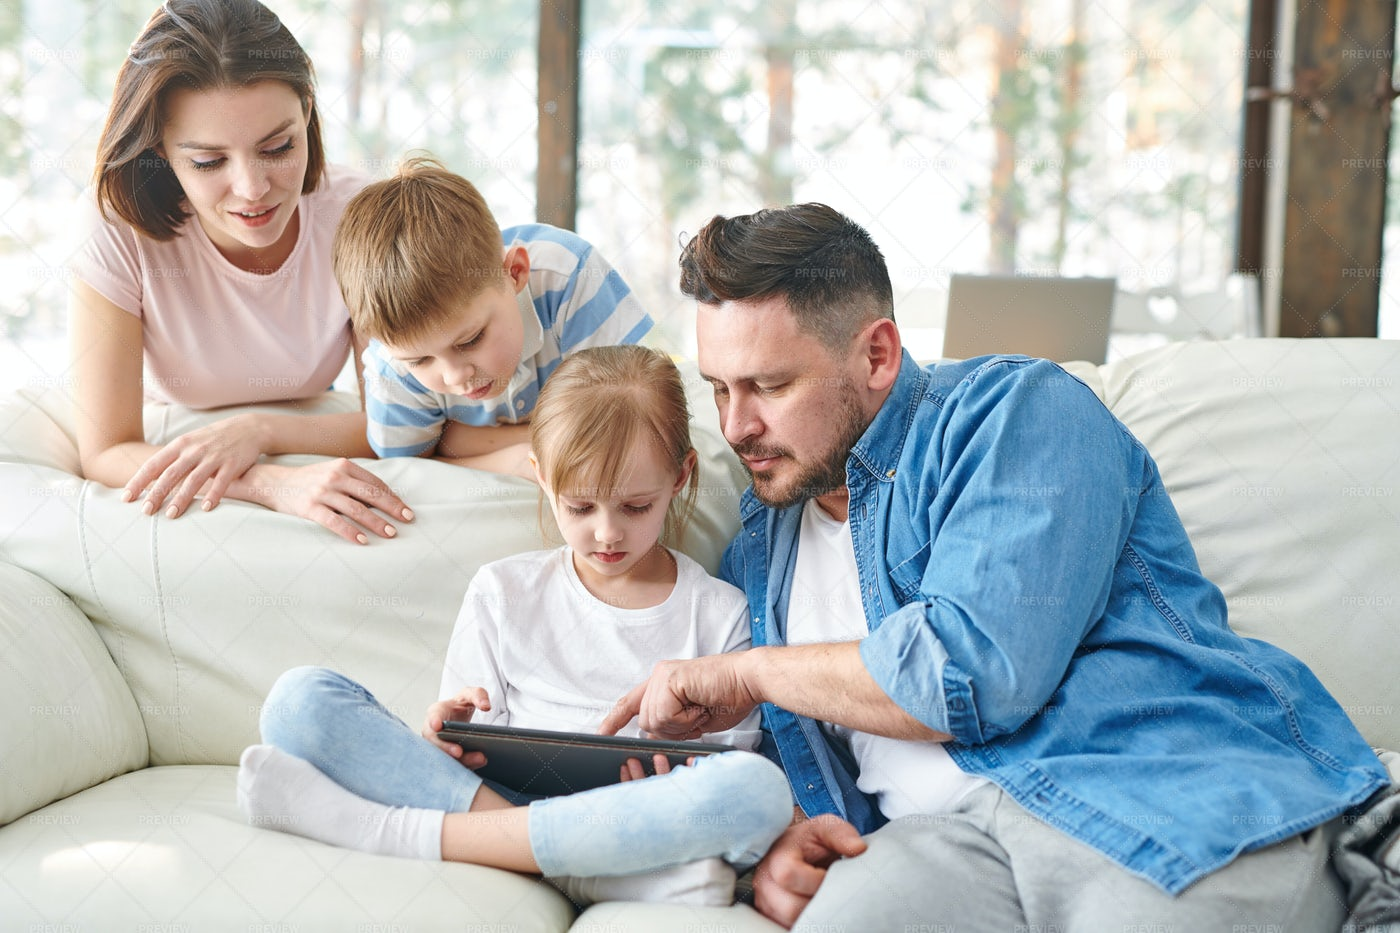 Family On Sofa: Stock Photos